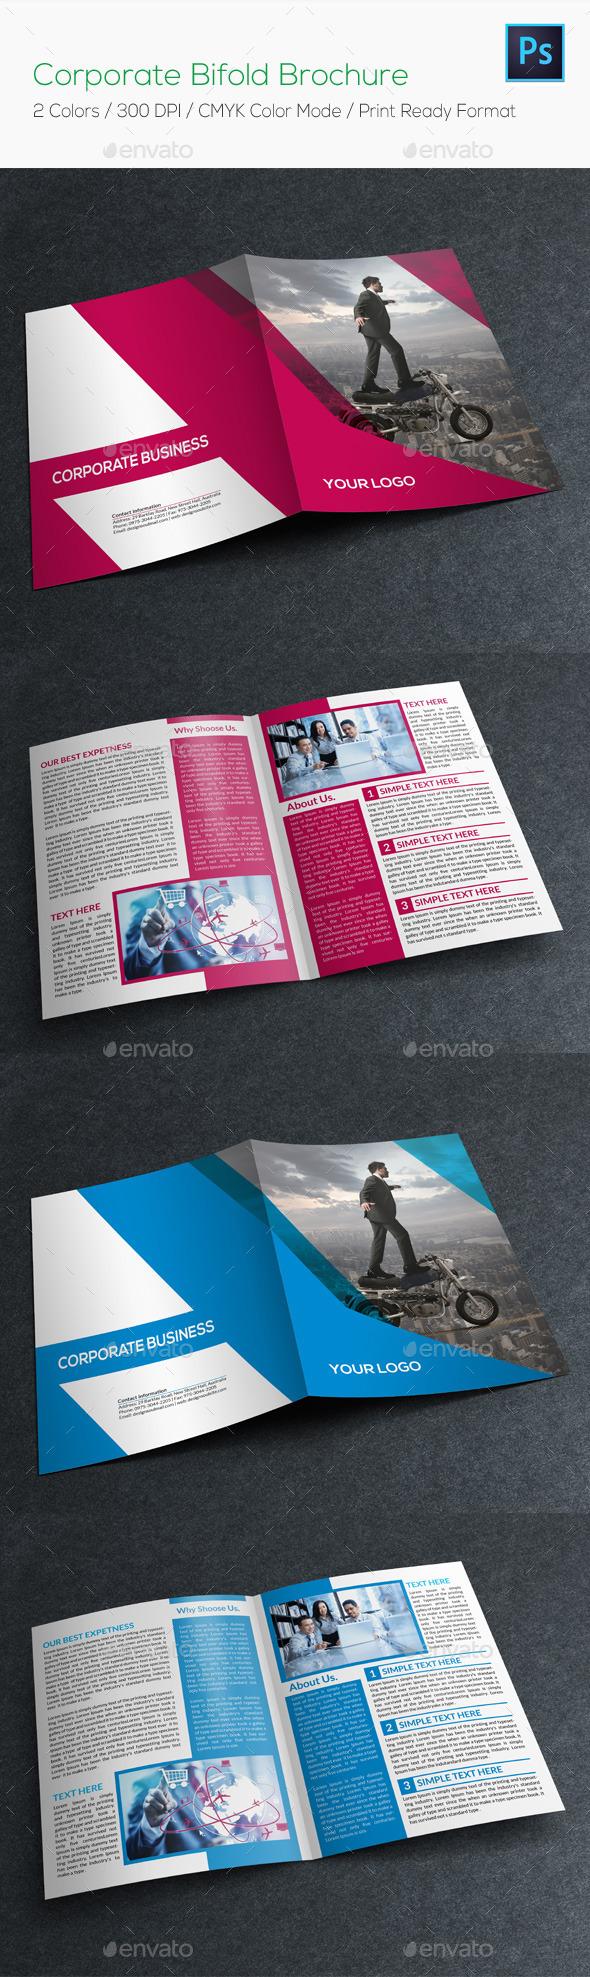 GraphicRiver Corporate Bifold Brochure 8822341